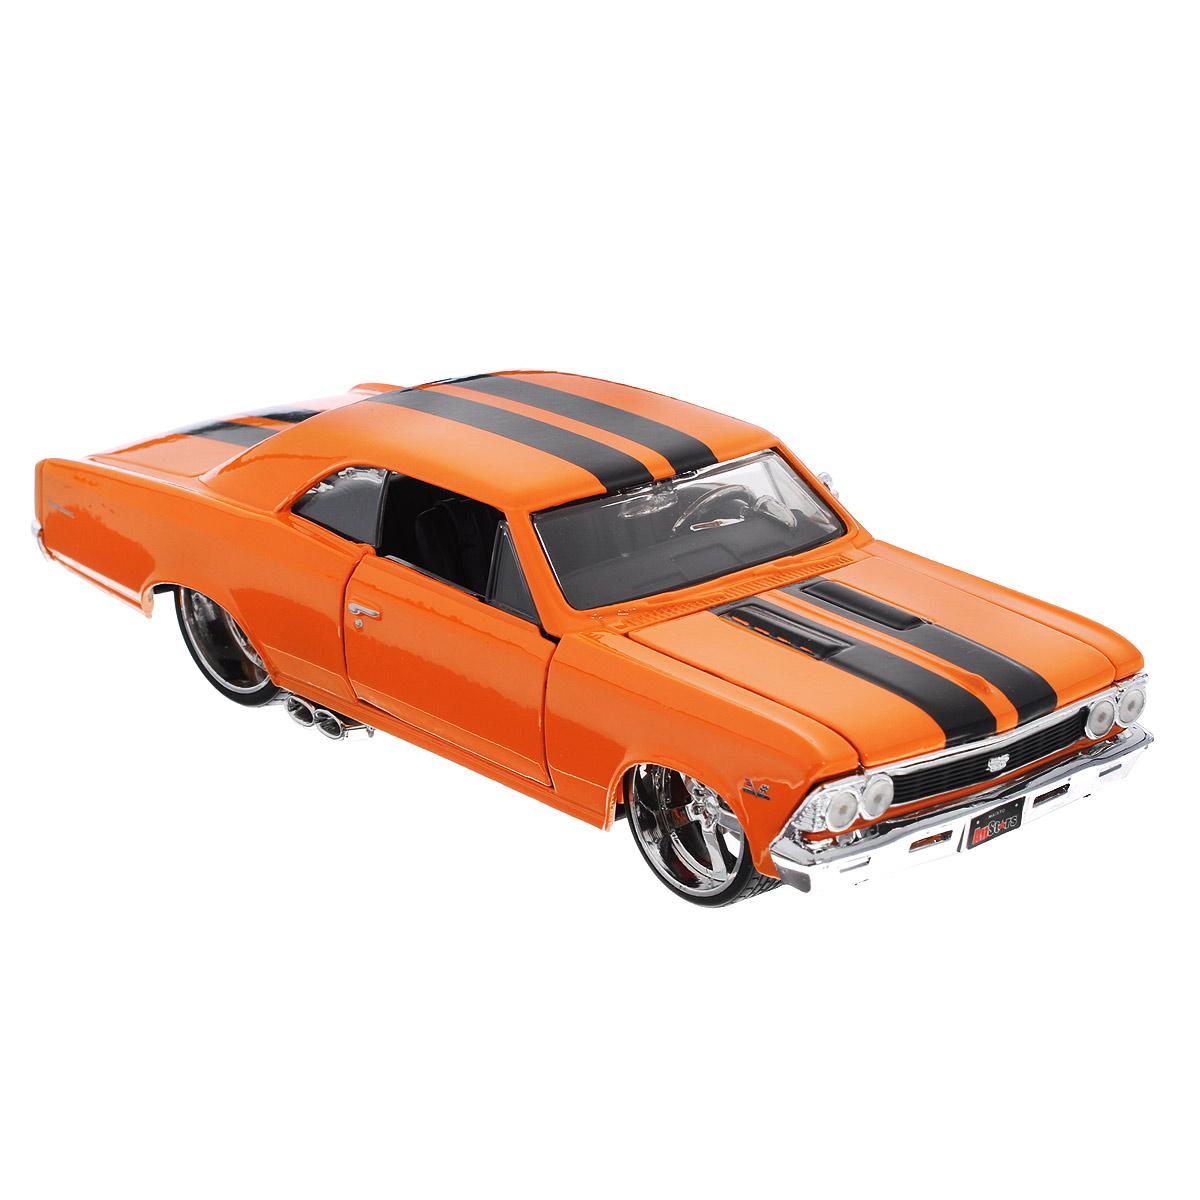 Maisto Модель автомобиля Chevrolet Chevelle SS 396 196631333Коллекционная модель Maisto 1966 Chevrolet Chevelle SS 396 - миниатюрная копия настоящего автомобиля. Стильная модель автомобиля привлечет к себе внимание не только детей, но и взрослых. Модель имеет литой металлический корпус с высокой детализацией двигателя, интерьера салона, дисков, протекторов, выхлопной системы, оснащена колесами из мягкой резины. У машинки открываются дверцы кабины и капот. Игрушка в точности повторяет модель оригинальной техники, подробная детализация в полной мере позволит вам оценить высокую точность копии этой машины! Такая модель станет отличным подарком не только любителю автомобилей, но и человеку, ценящему оригинальность и изысканность, а качество исполнения представит такой подарок в самом лучшем свете.